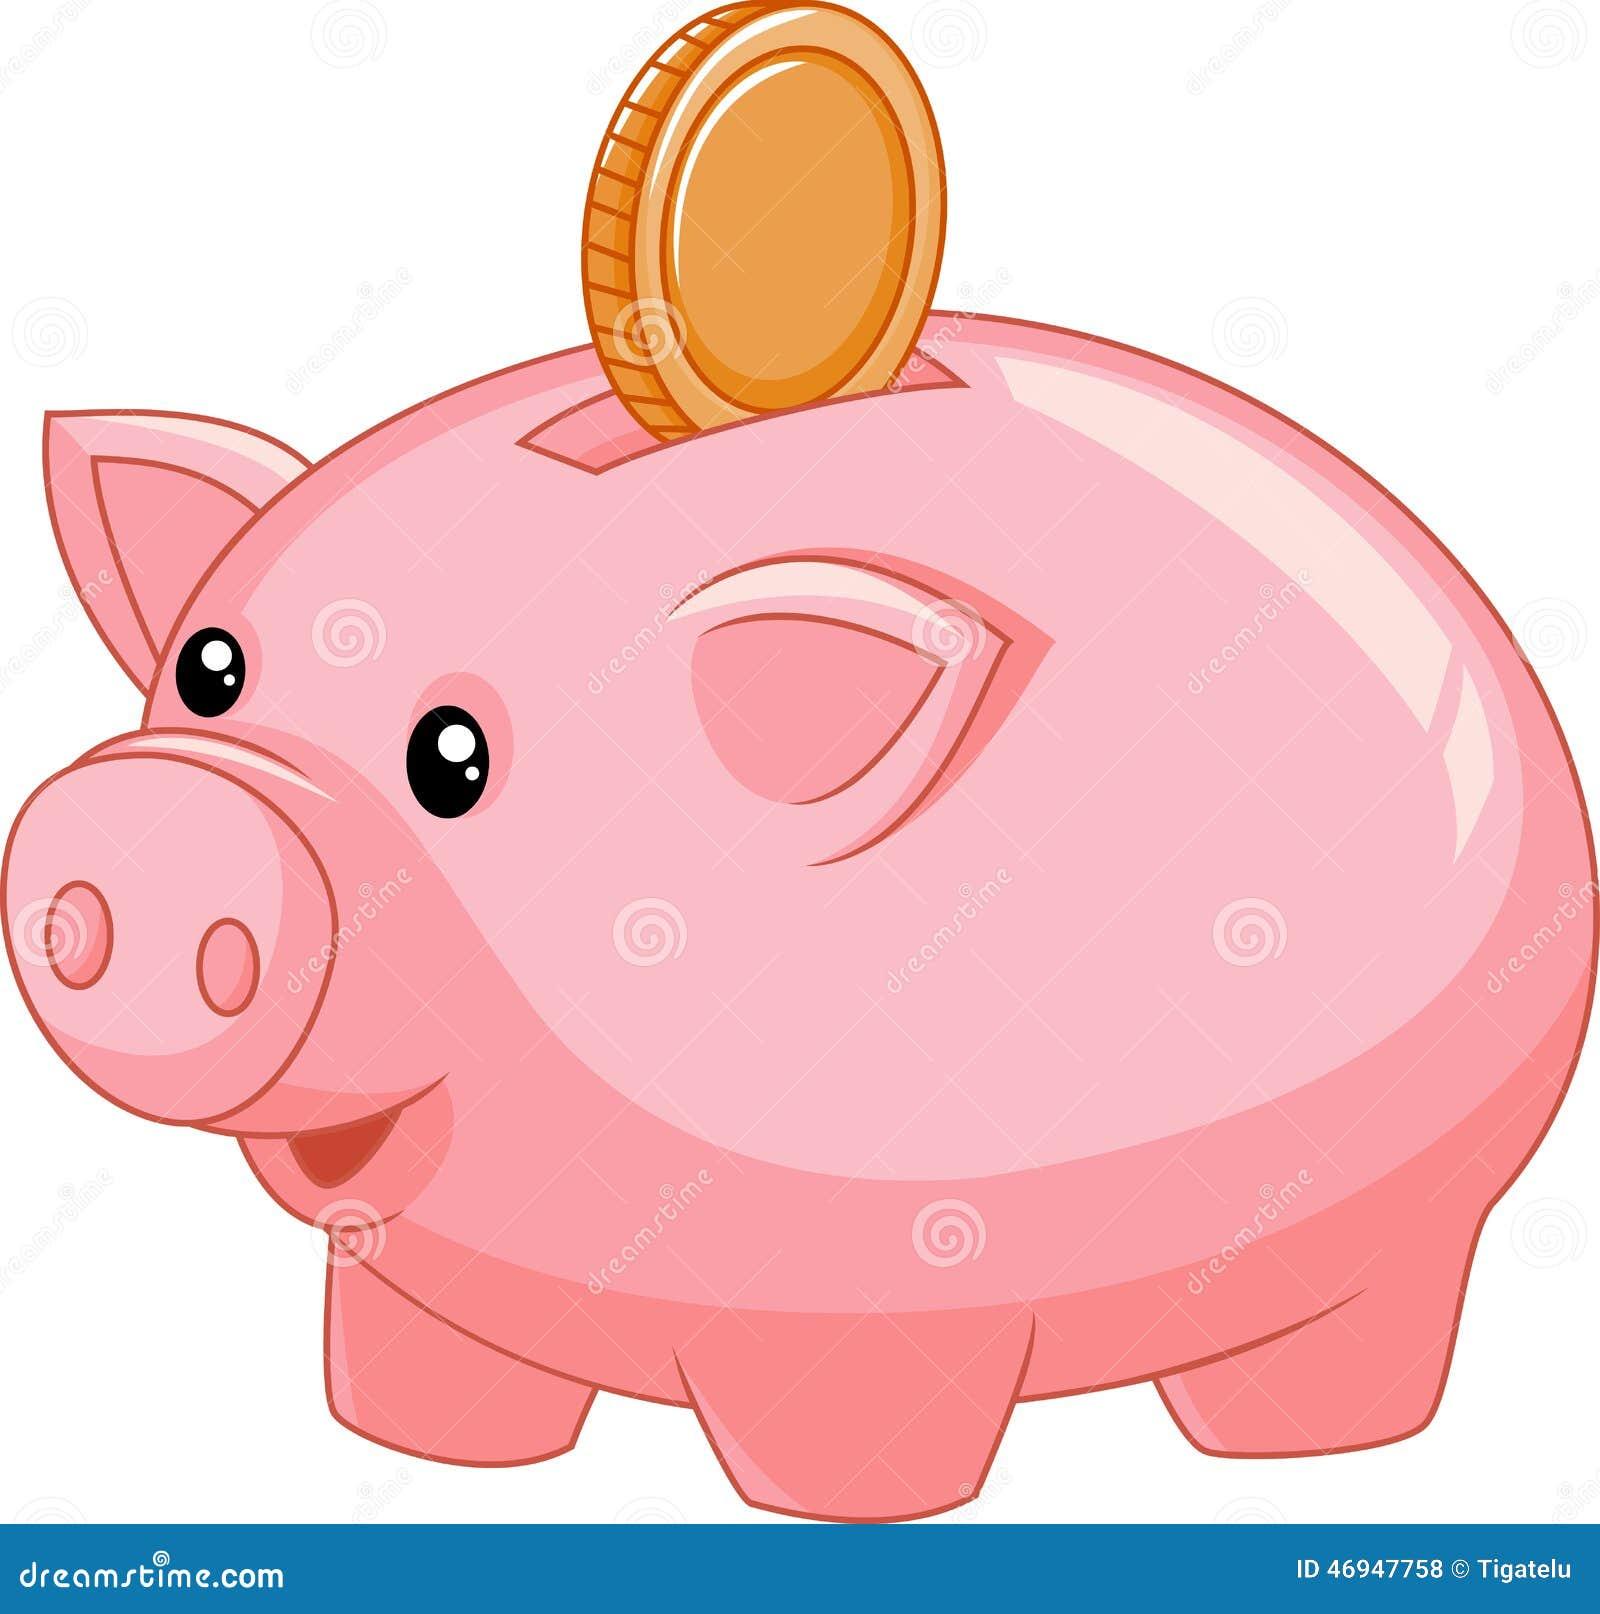 Cartoon Piggy Bank With Coin Stock Vector Image 46947758